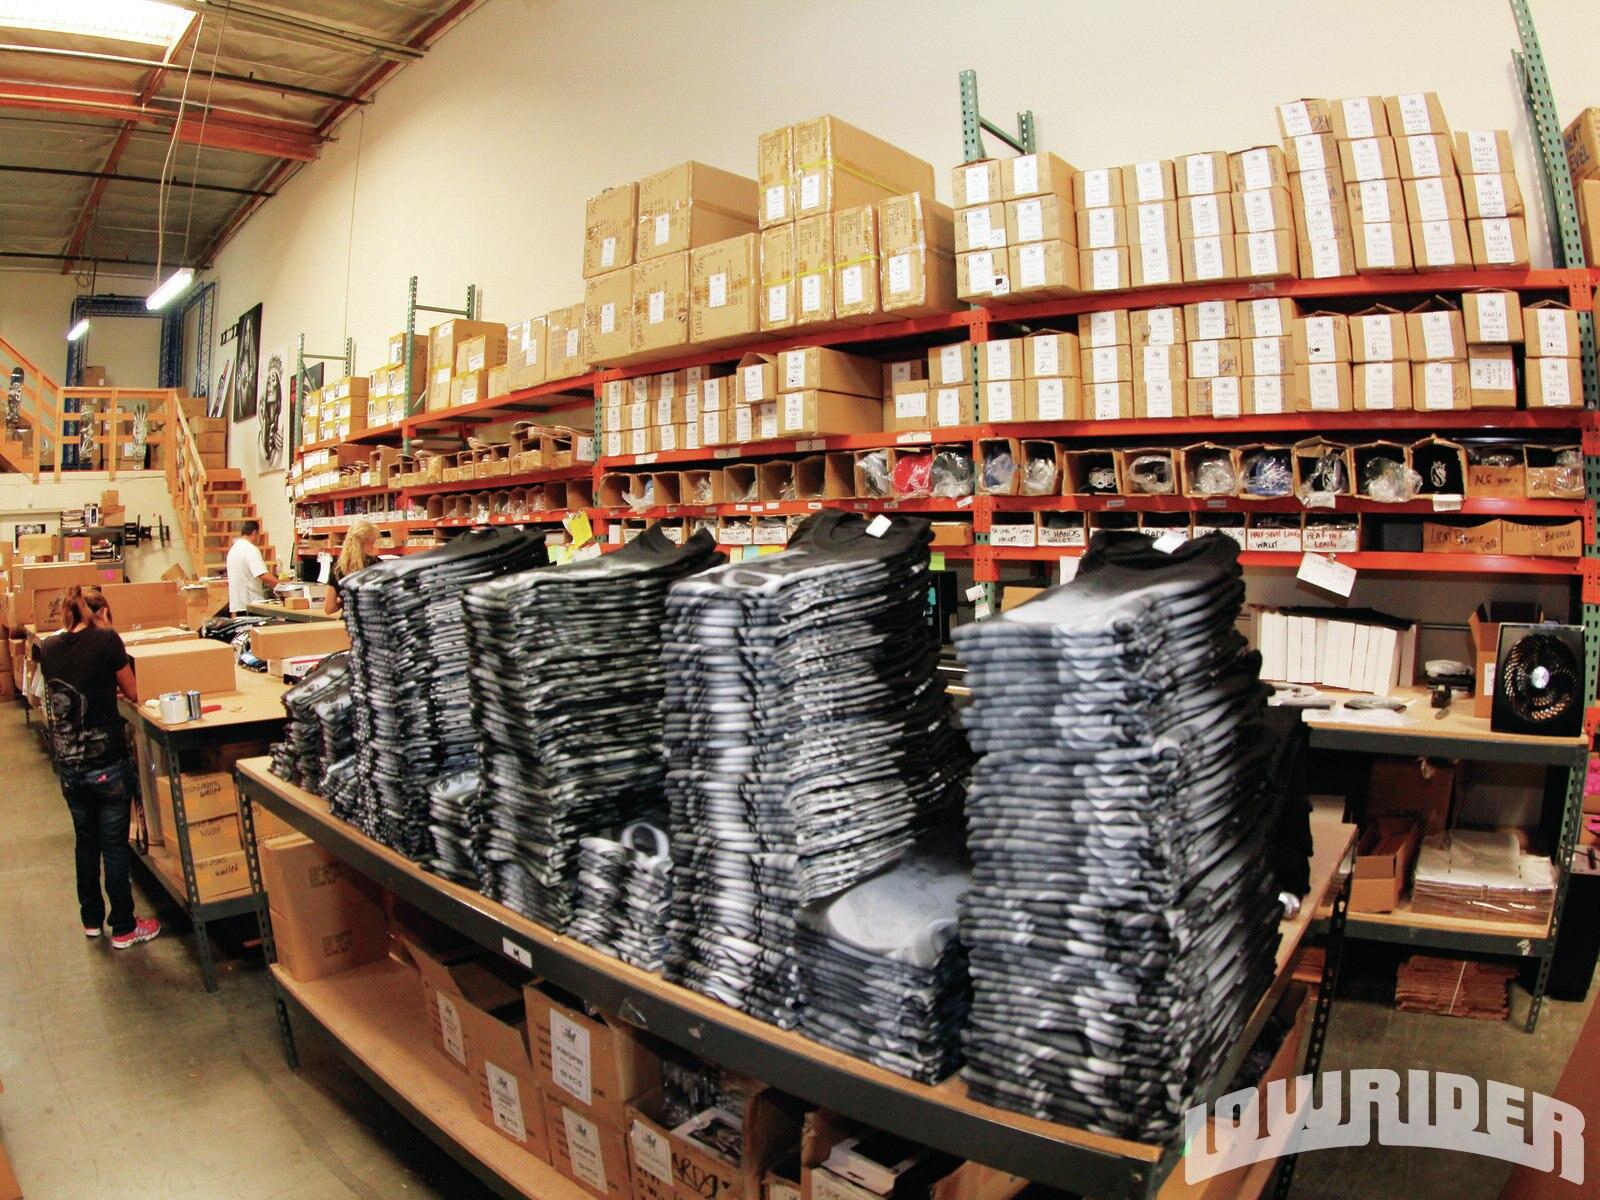 1302-lrmp-06-o-OG-abel-piles-of-t-shirts1